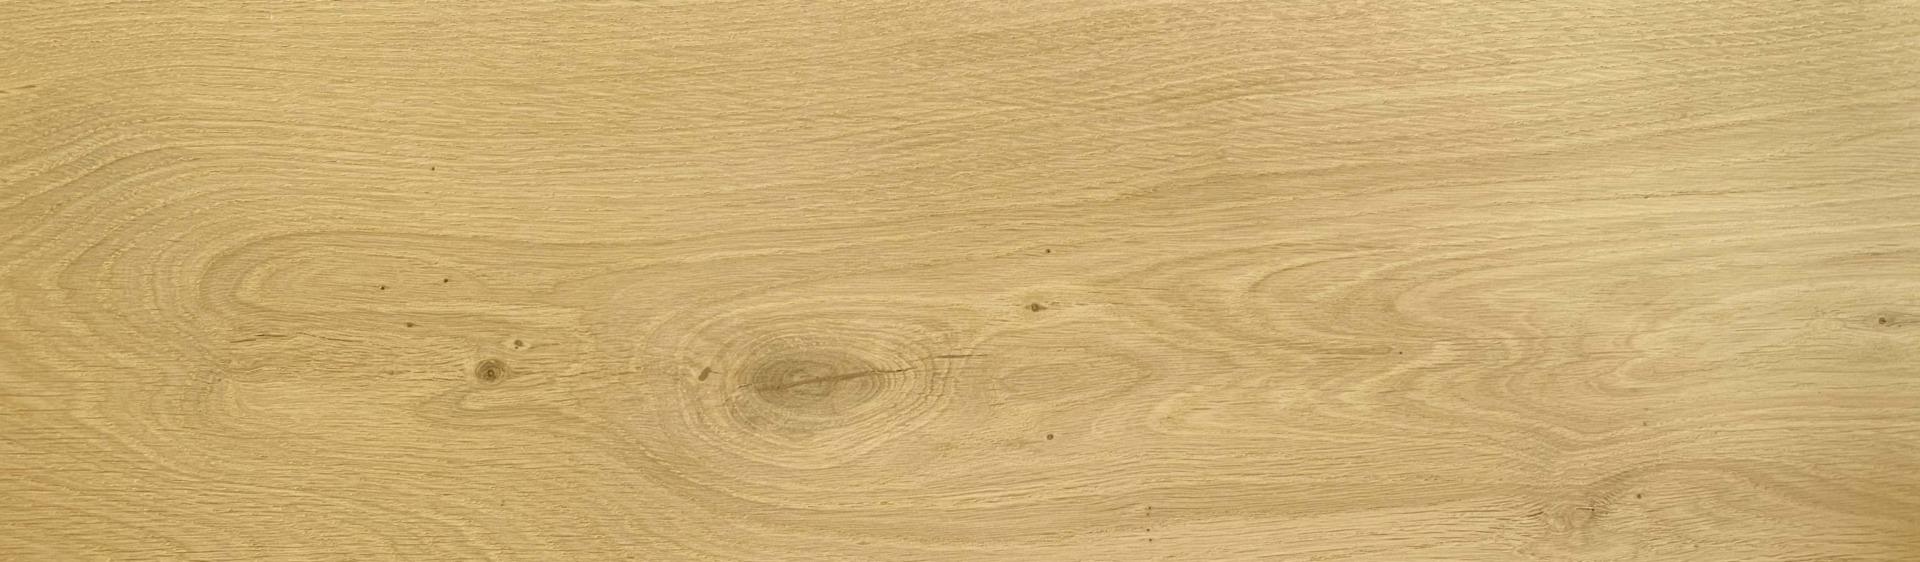 Woodlook